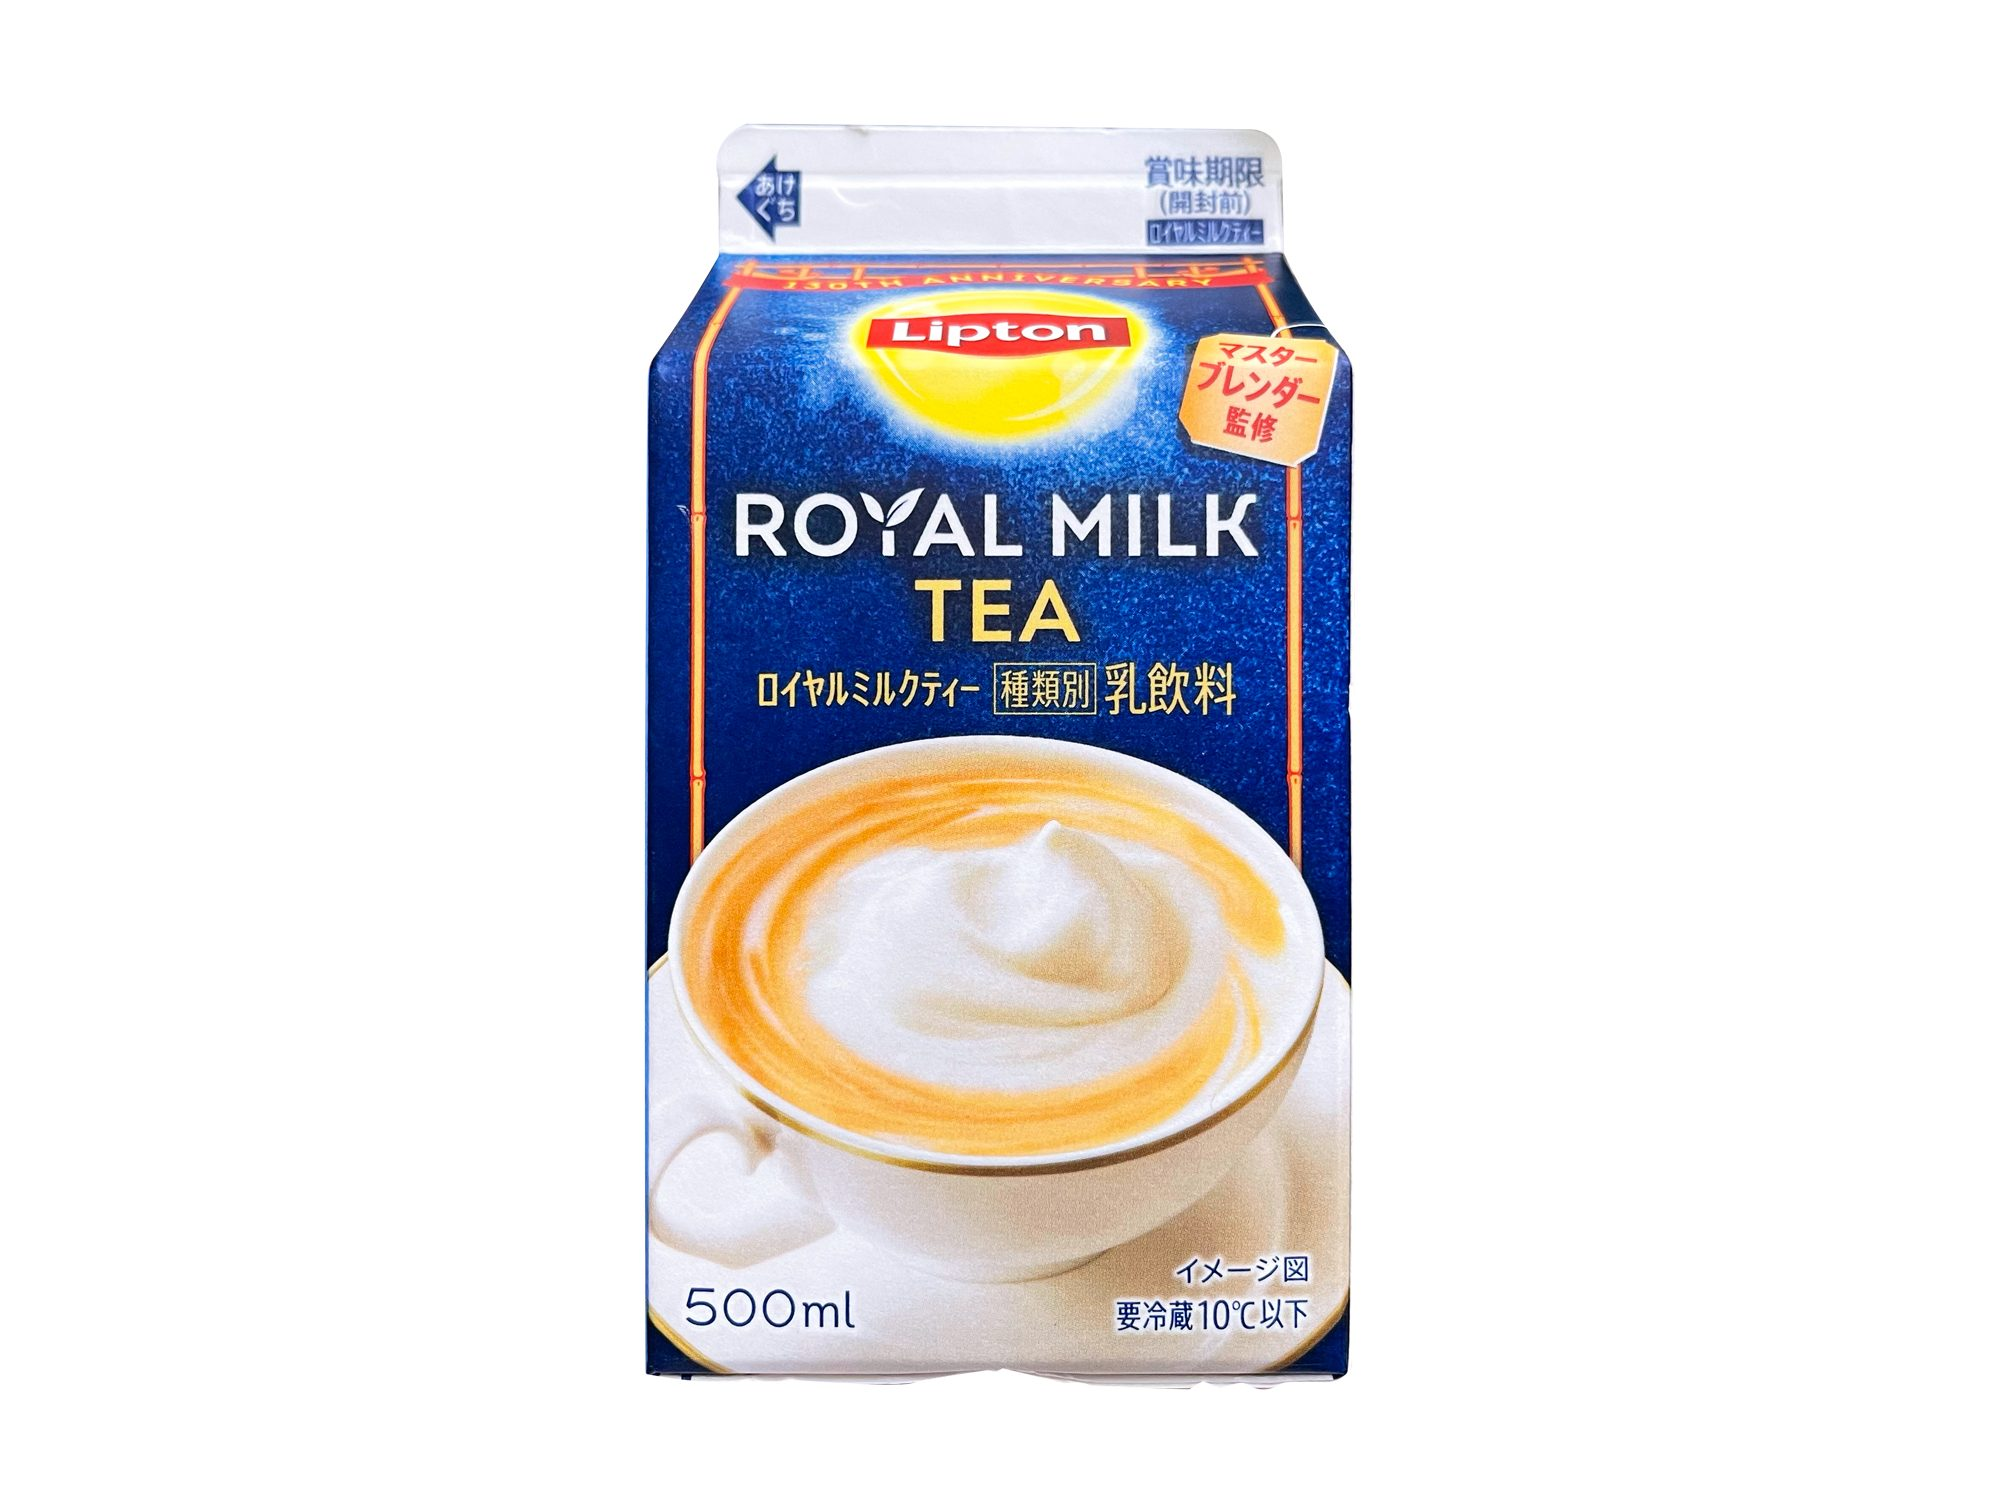 森永乳業『リプトン ロイヤルミルクティー』は香り高く上品な味わいが光るクラシックパッケージのリプトン130周年記念ロイヤルミルクティー!